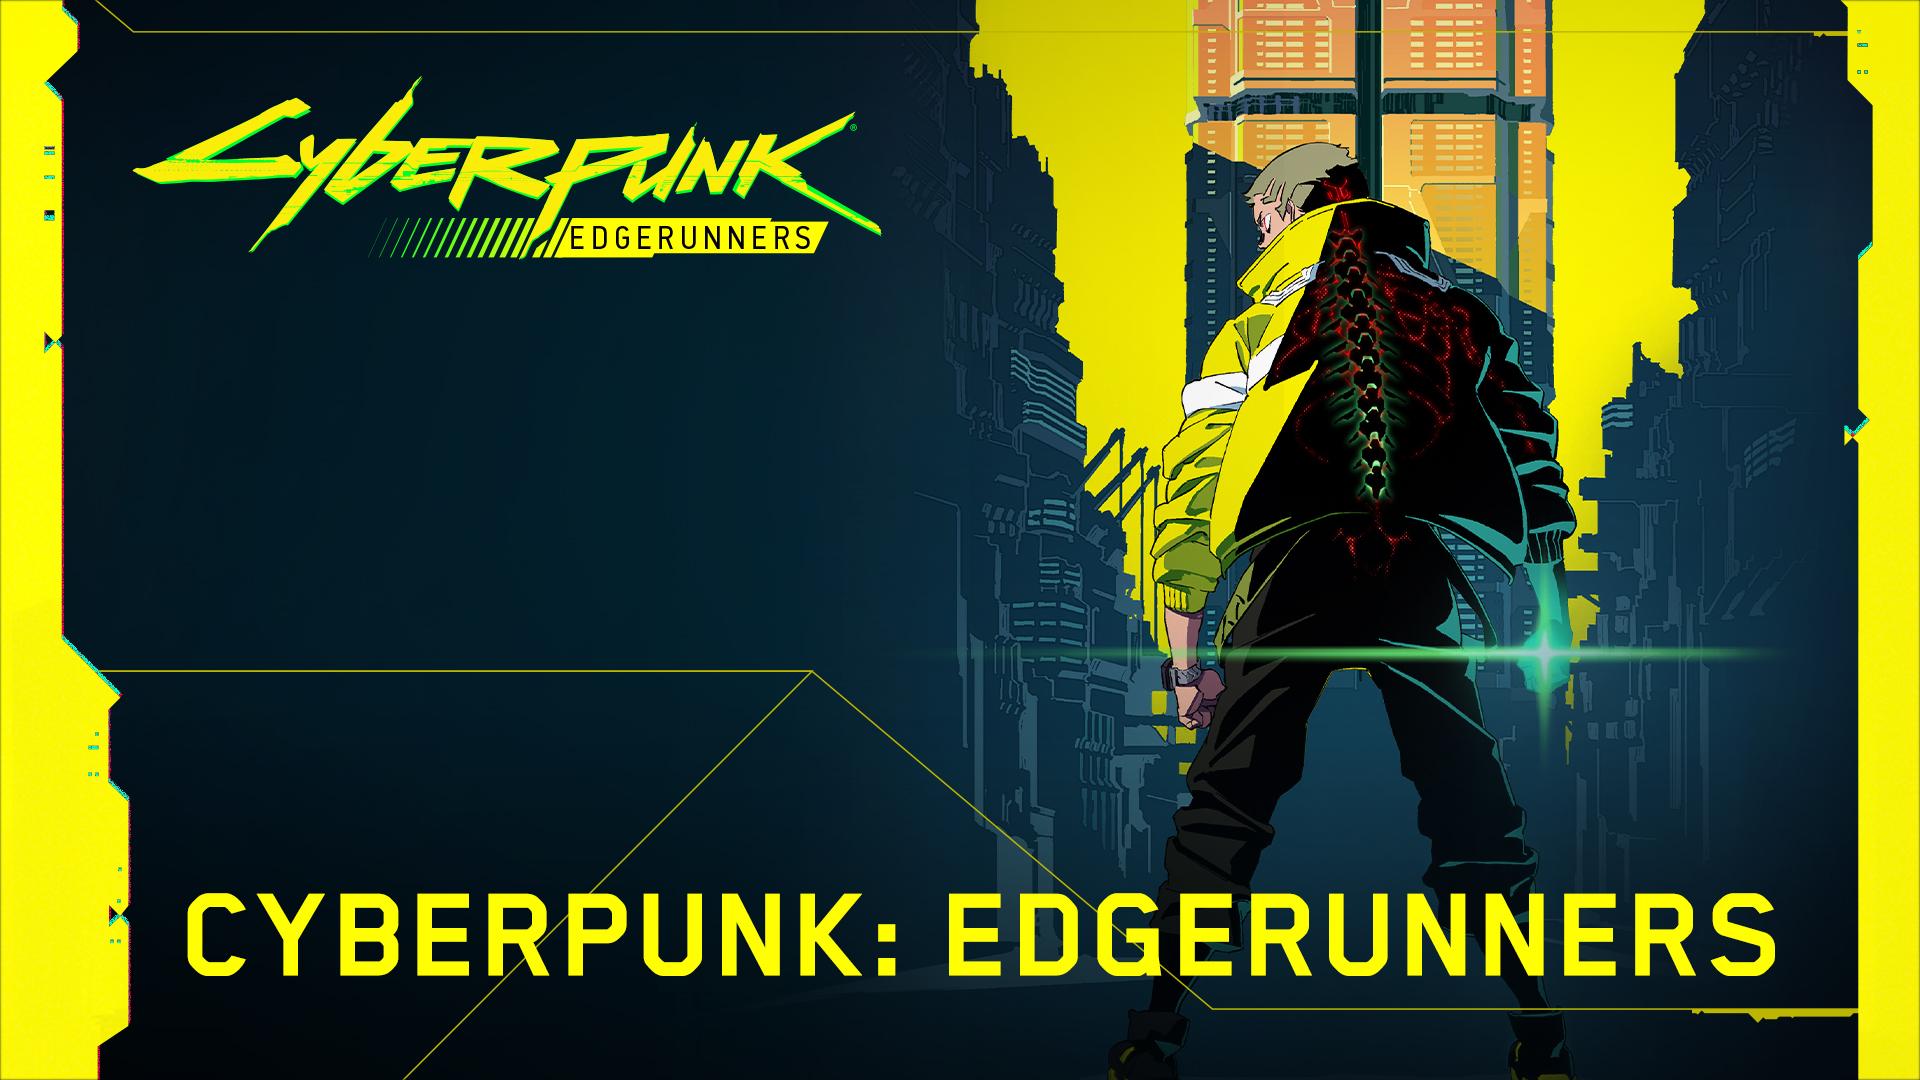 CD PROJEKT RED | Novo seriado CYBERPUNK: EDGERUNNERS é anunciado oficialmente